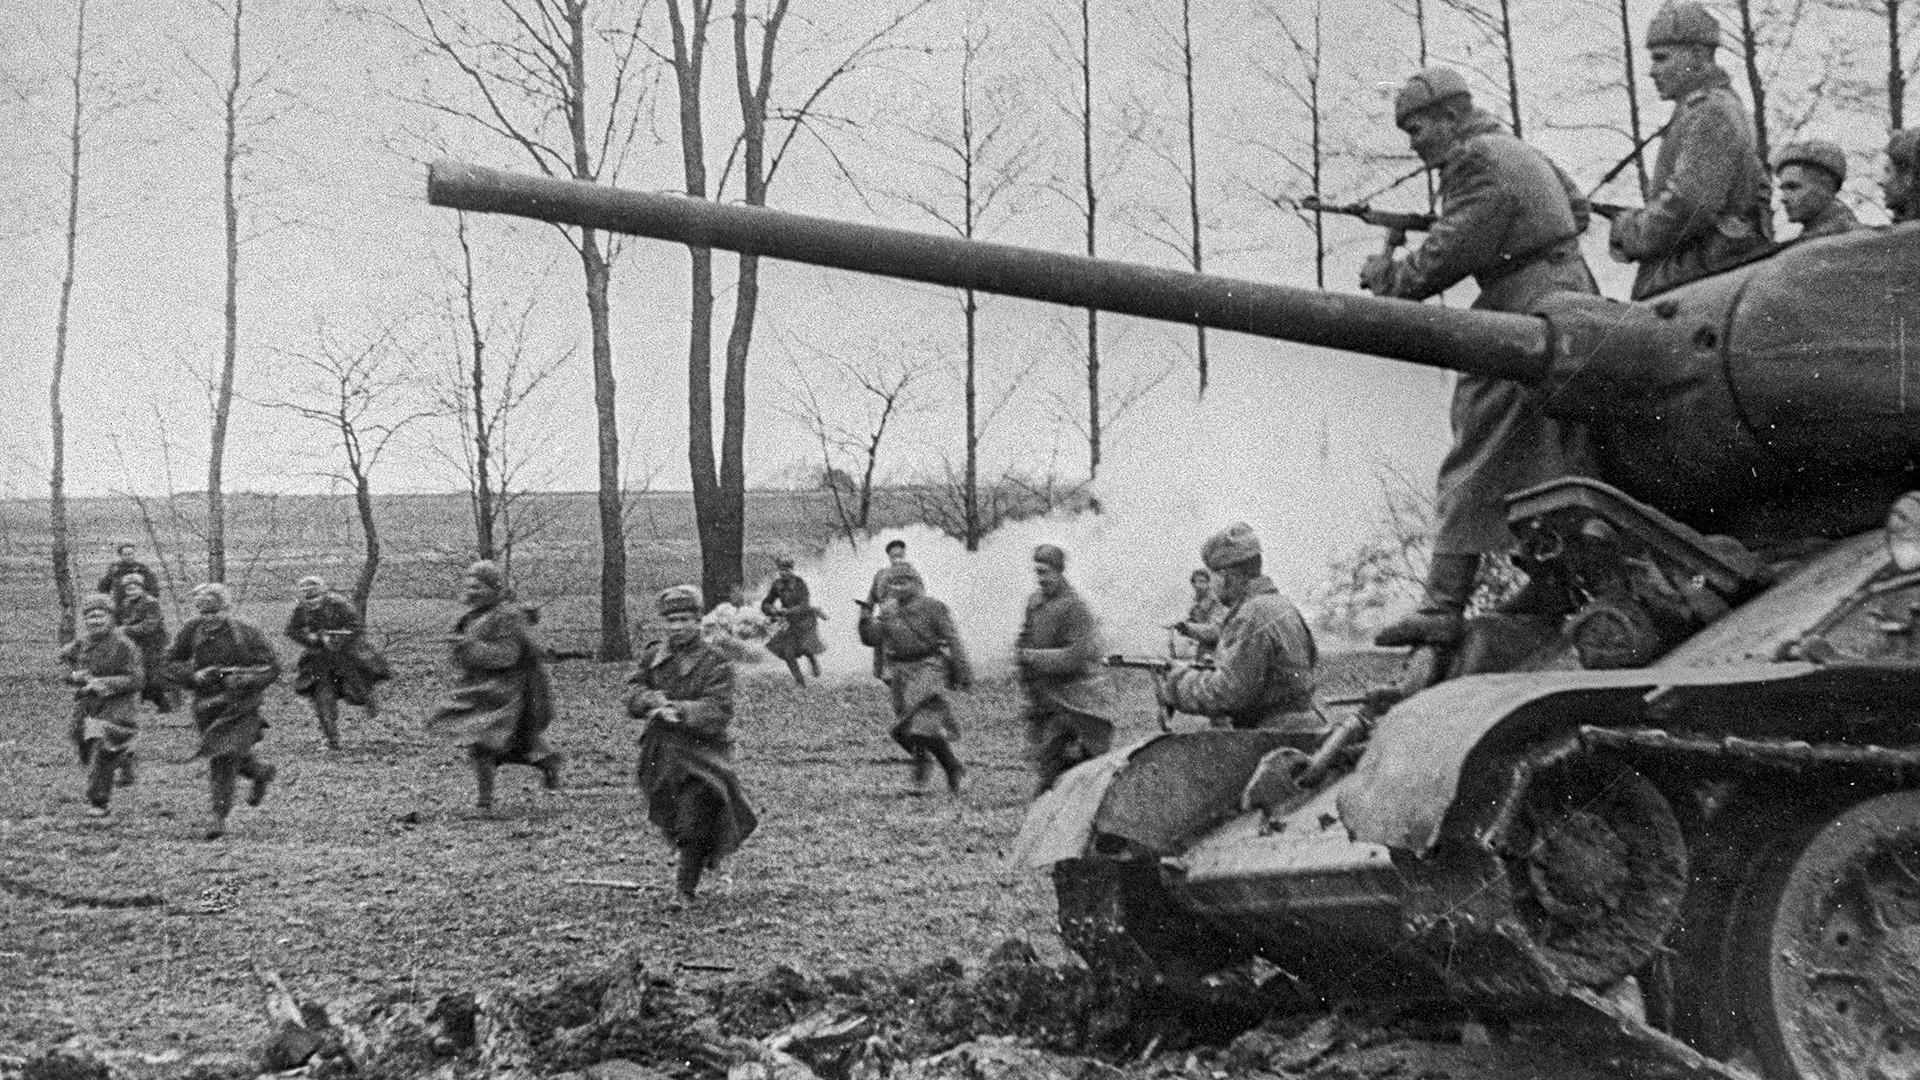 Sovjetsko pješaštvo i tenkovi jurišaju na njemačke položaje. Mađarska.